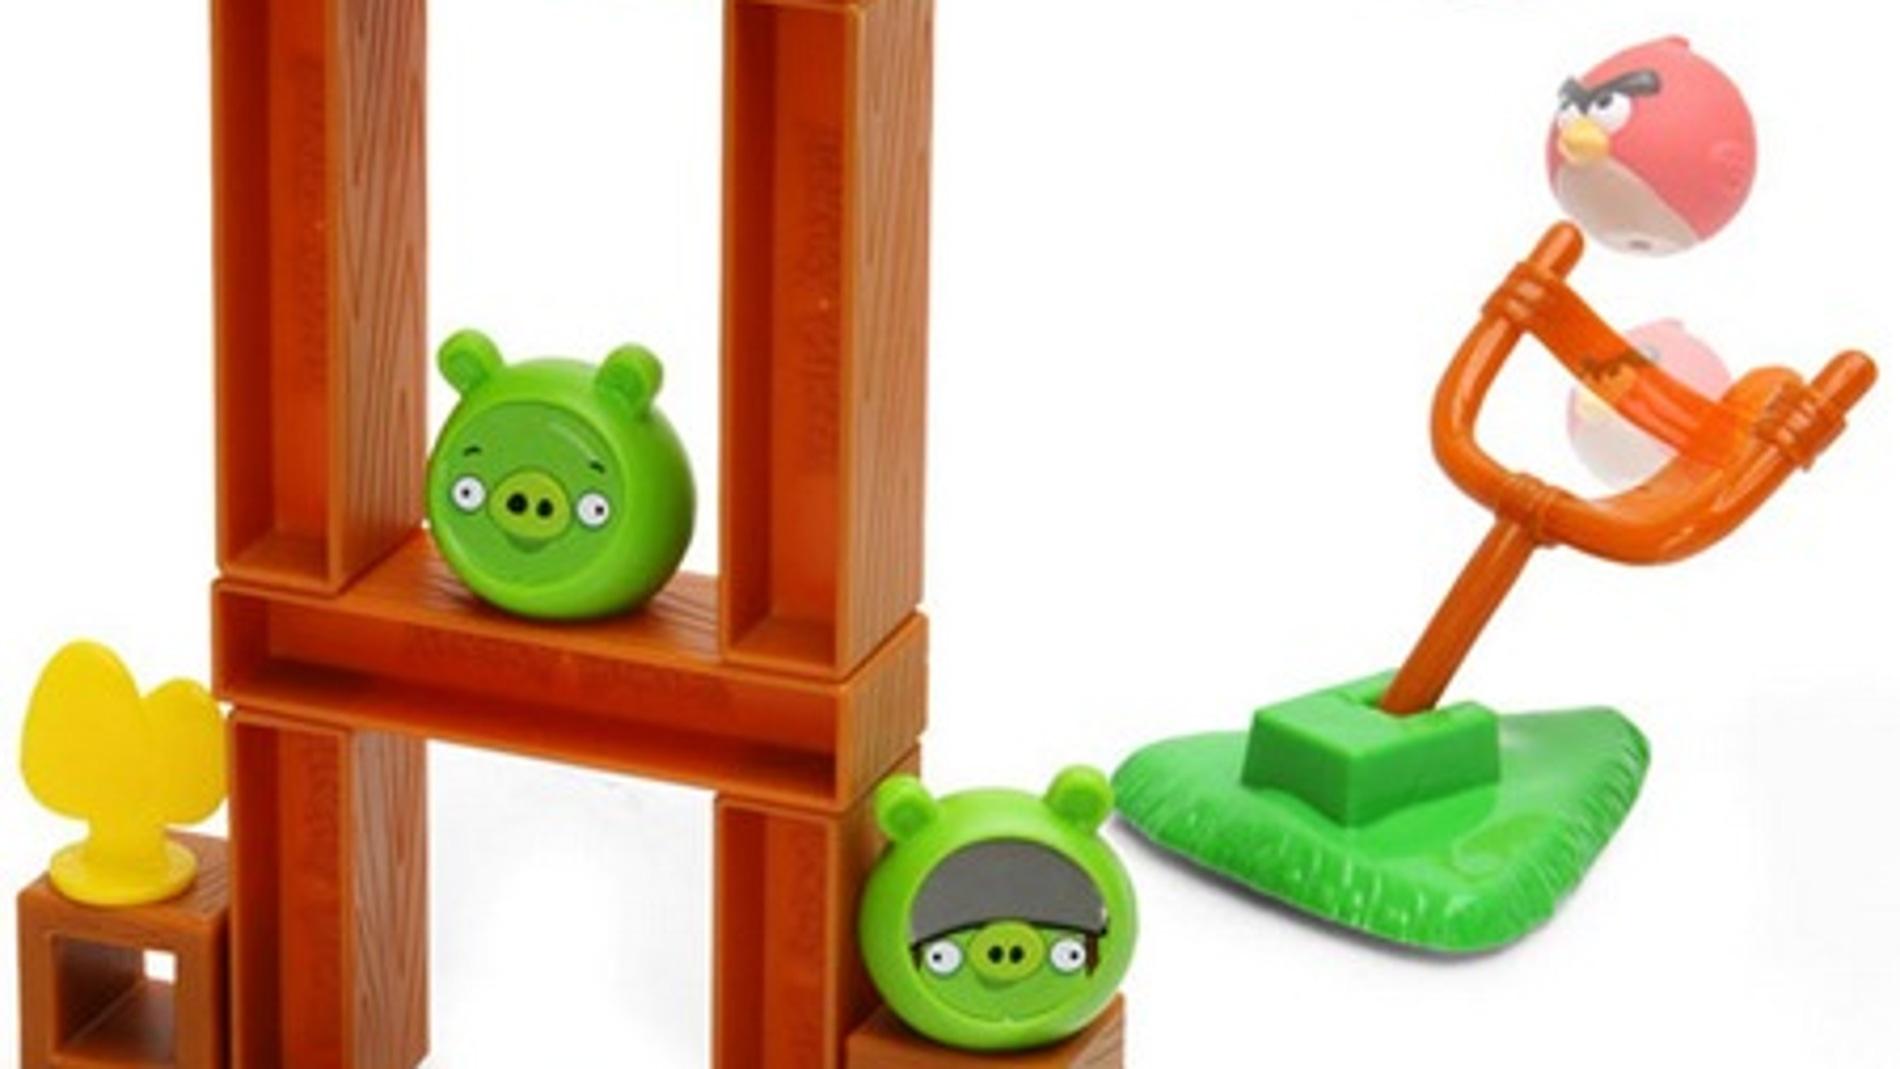 Juego de mesa de los Angry Birds